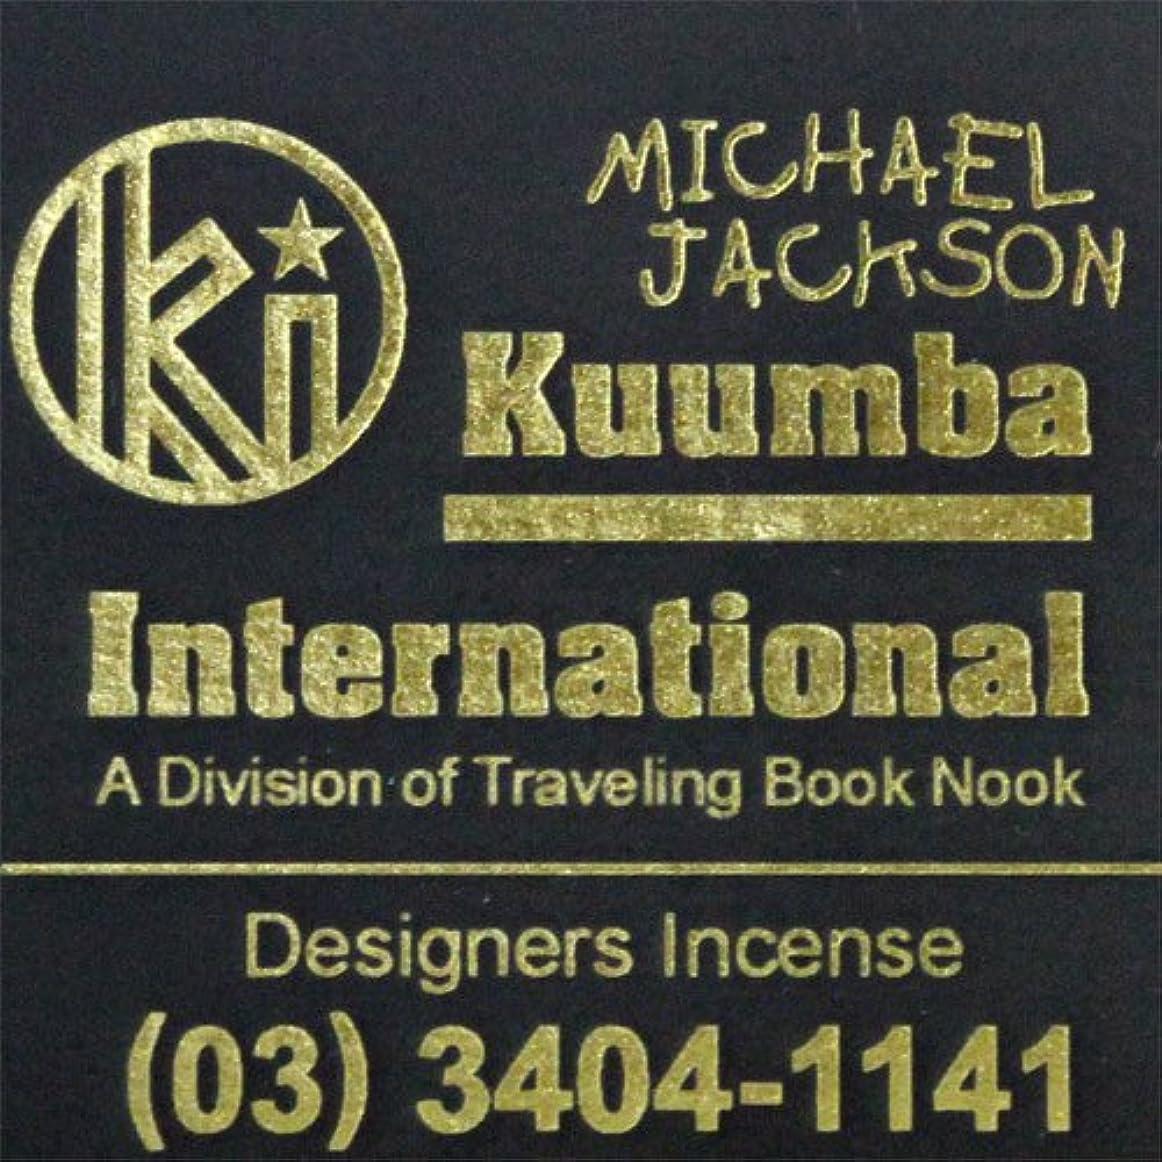 組み立てる慣習革新(クンバ) KUUMBA『incense』(MICHAEL JACKSON) (Regular size)